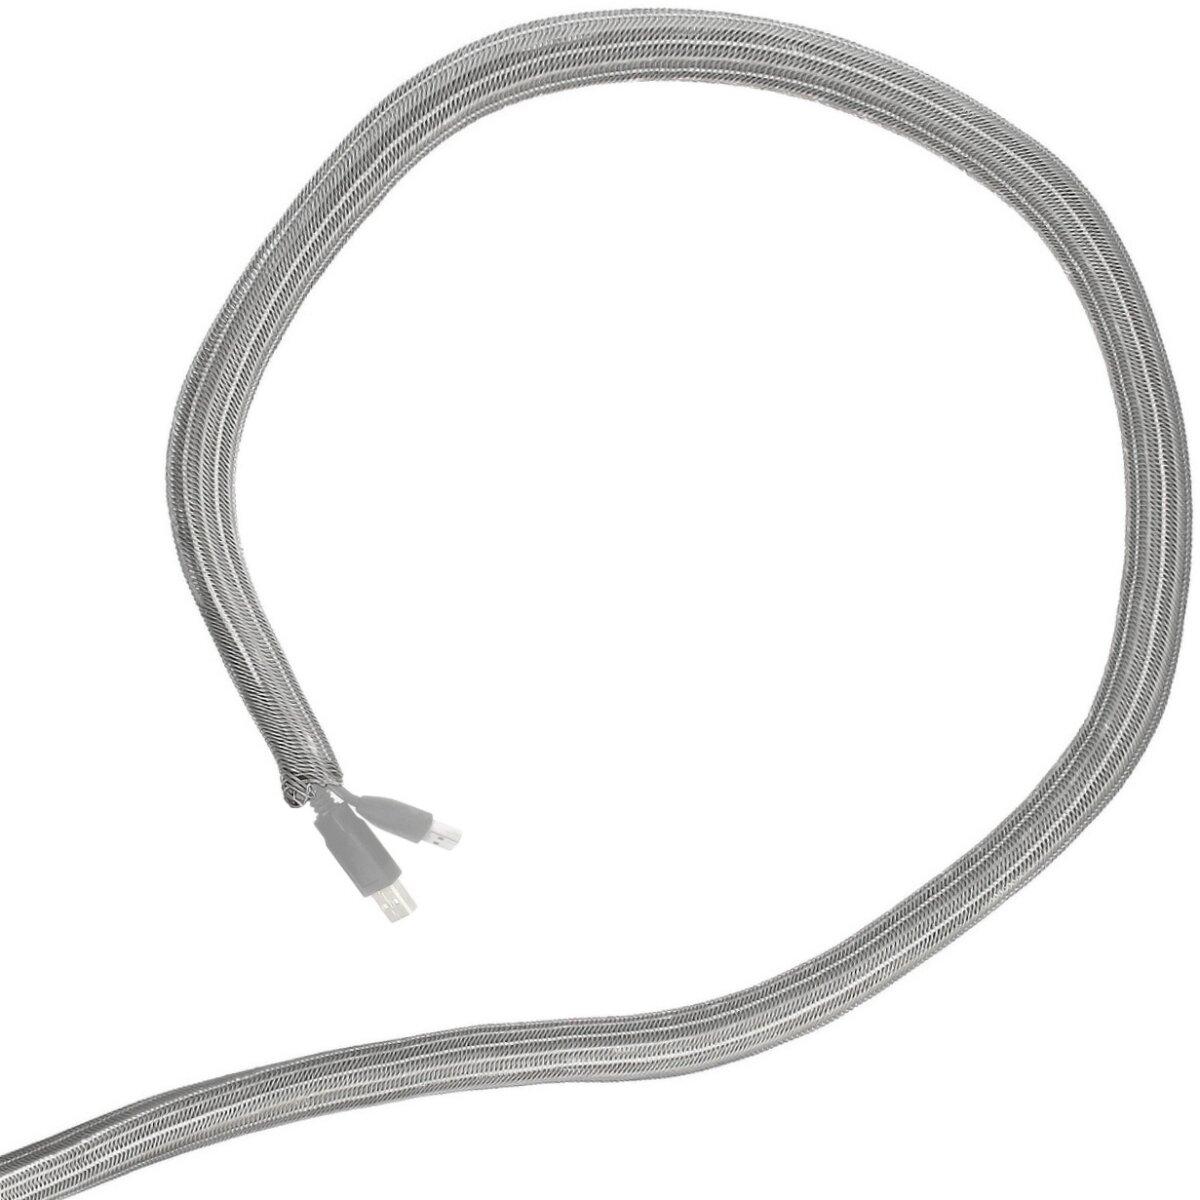 Minadax® 5 Meter, 9mm Ø Selbstschließender Profi Kabelschlauch Kabelkanal in grau für flexibles Kabelmanagement